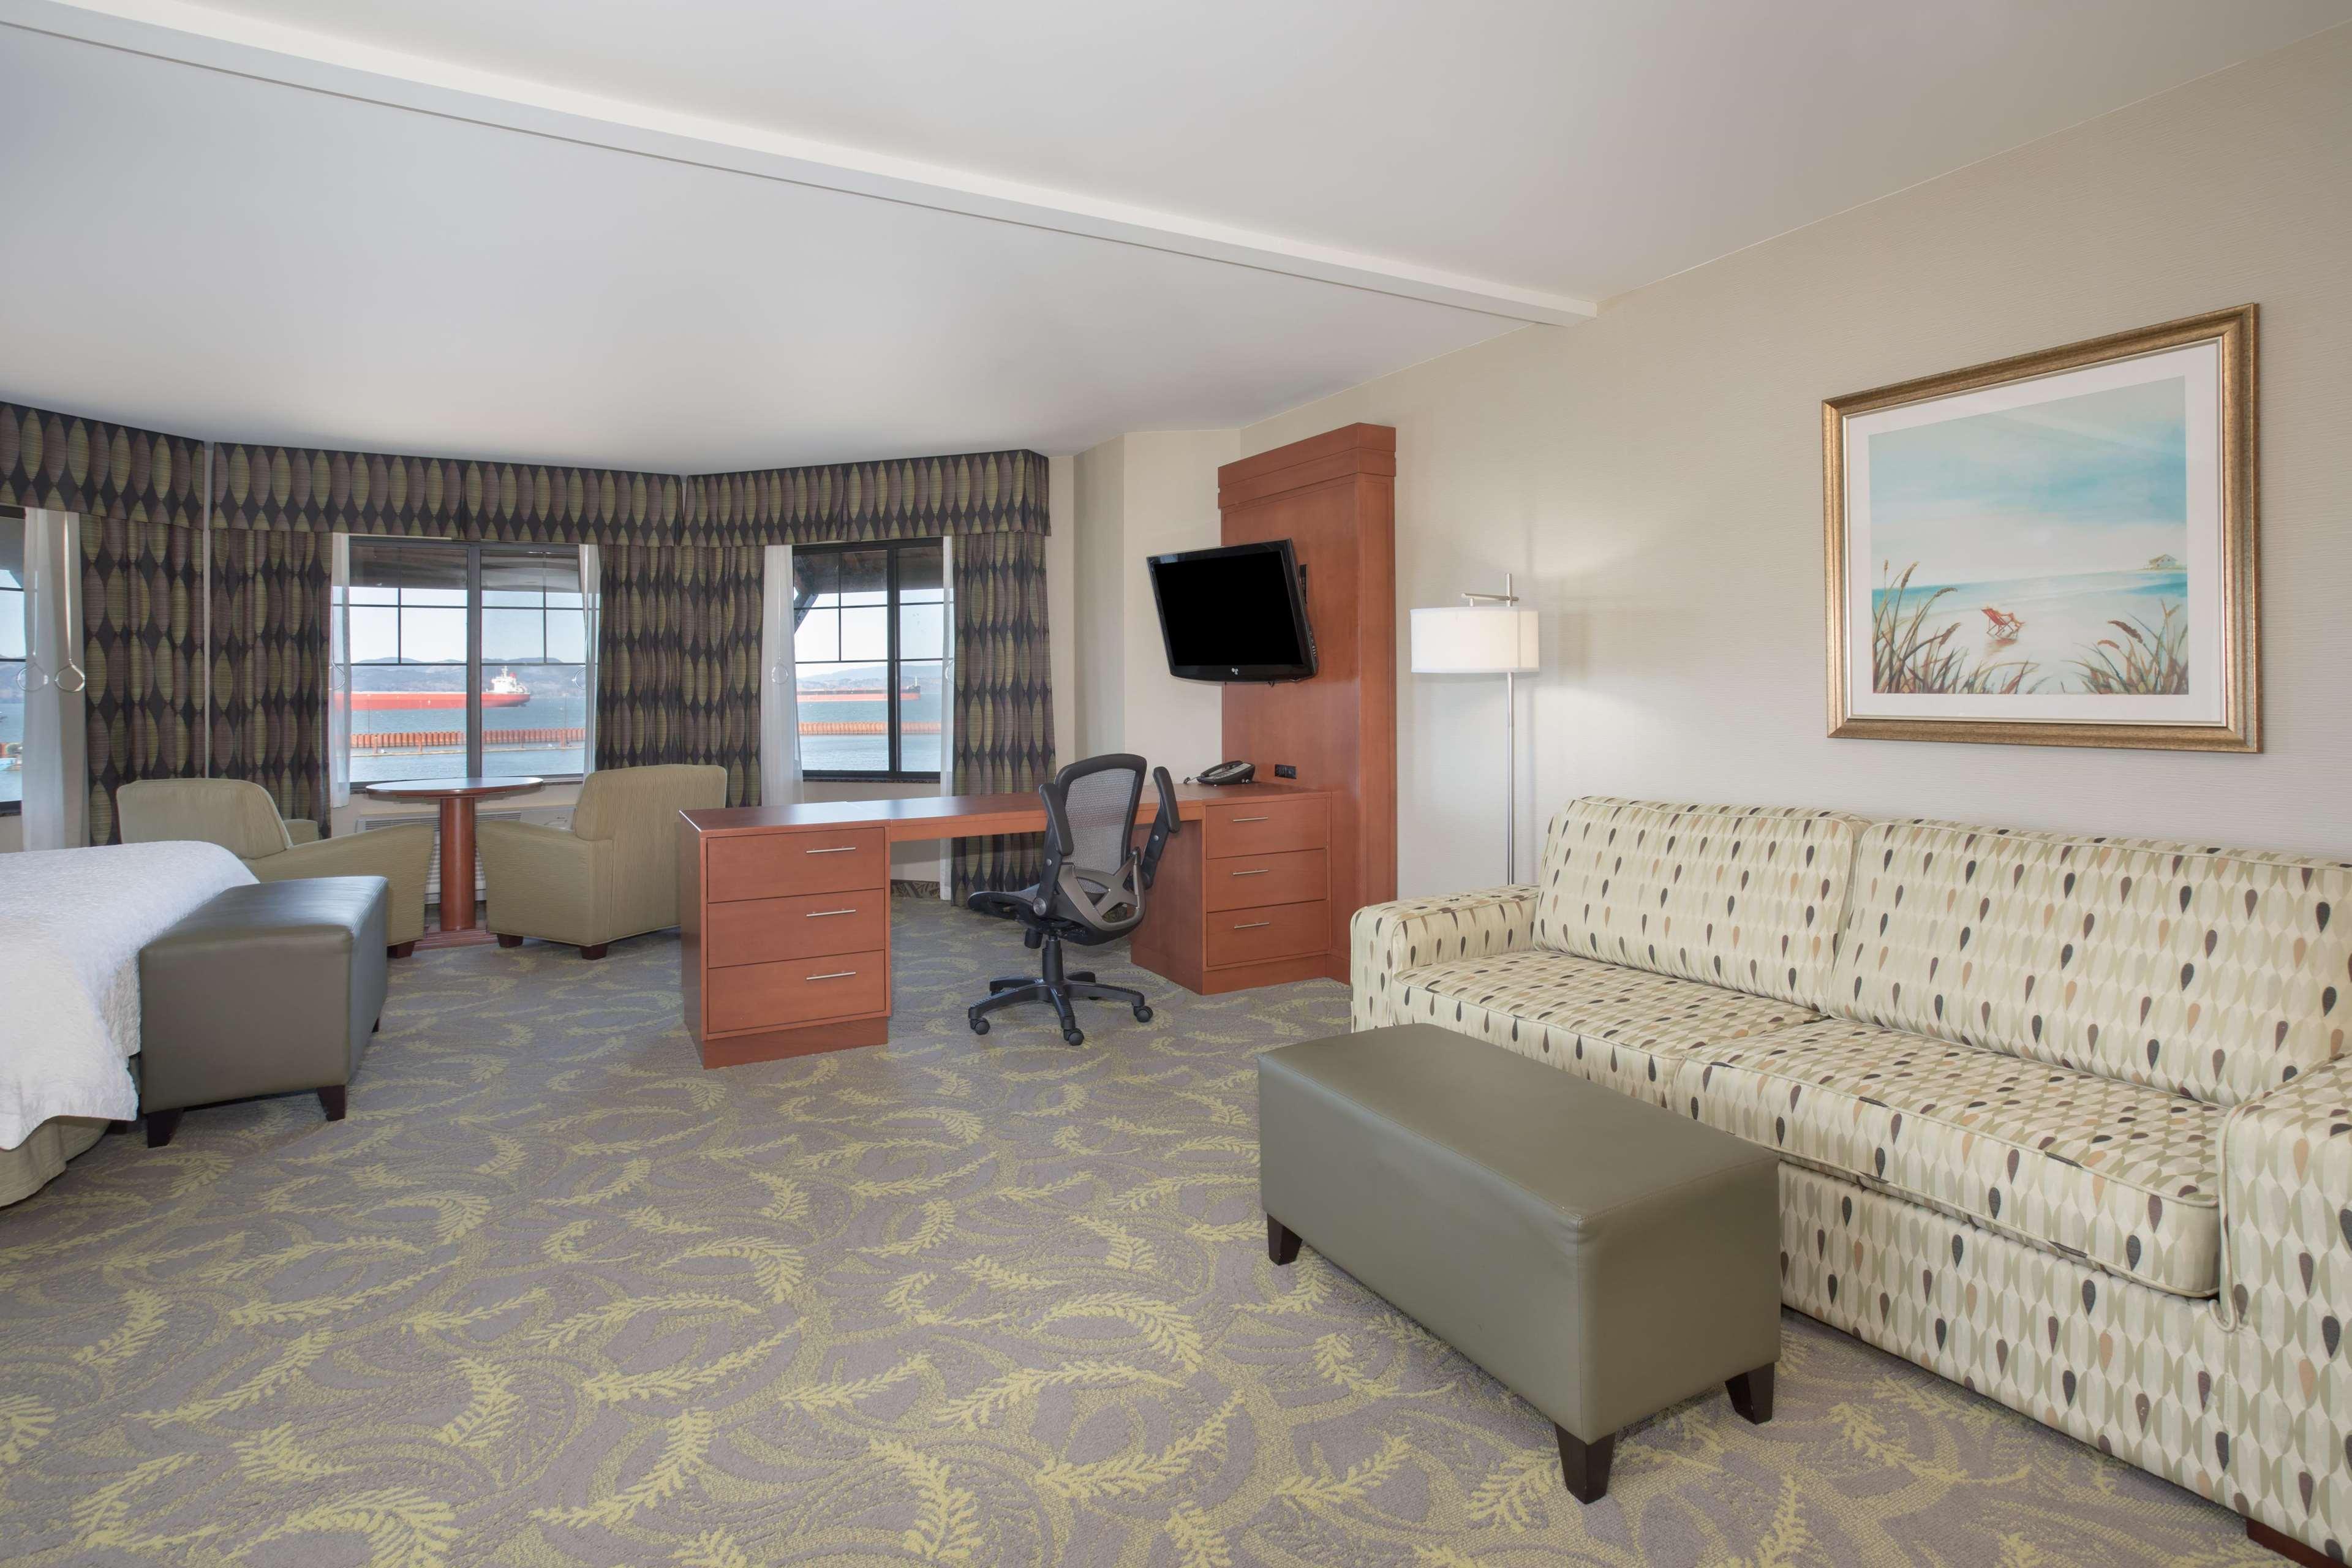 Hampton Inn & Suites Astoria image 29